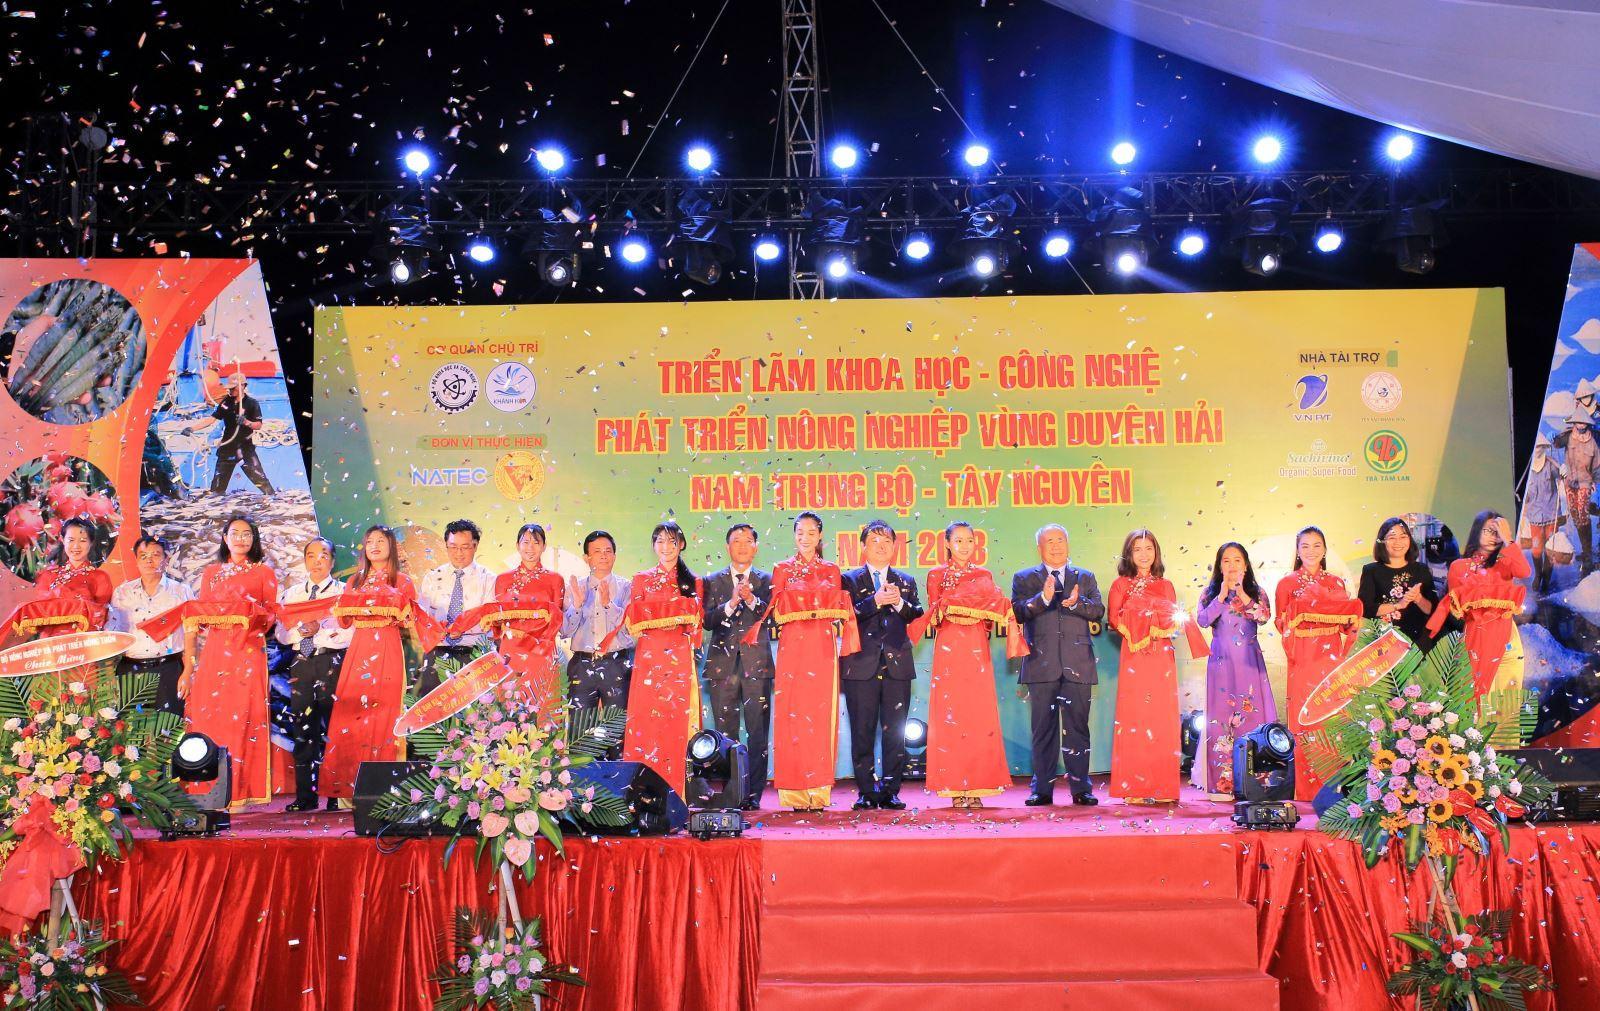 """Triển lãm """"Khoa học và Công nghệ phát triển nông nghiệp vùng Duyên hải Nam Trung Bộ - Tây Nguyên năm 2018"""""""